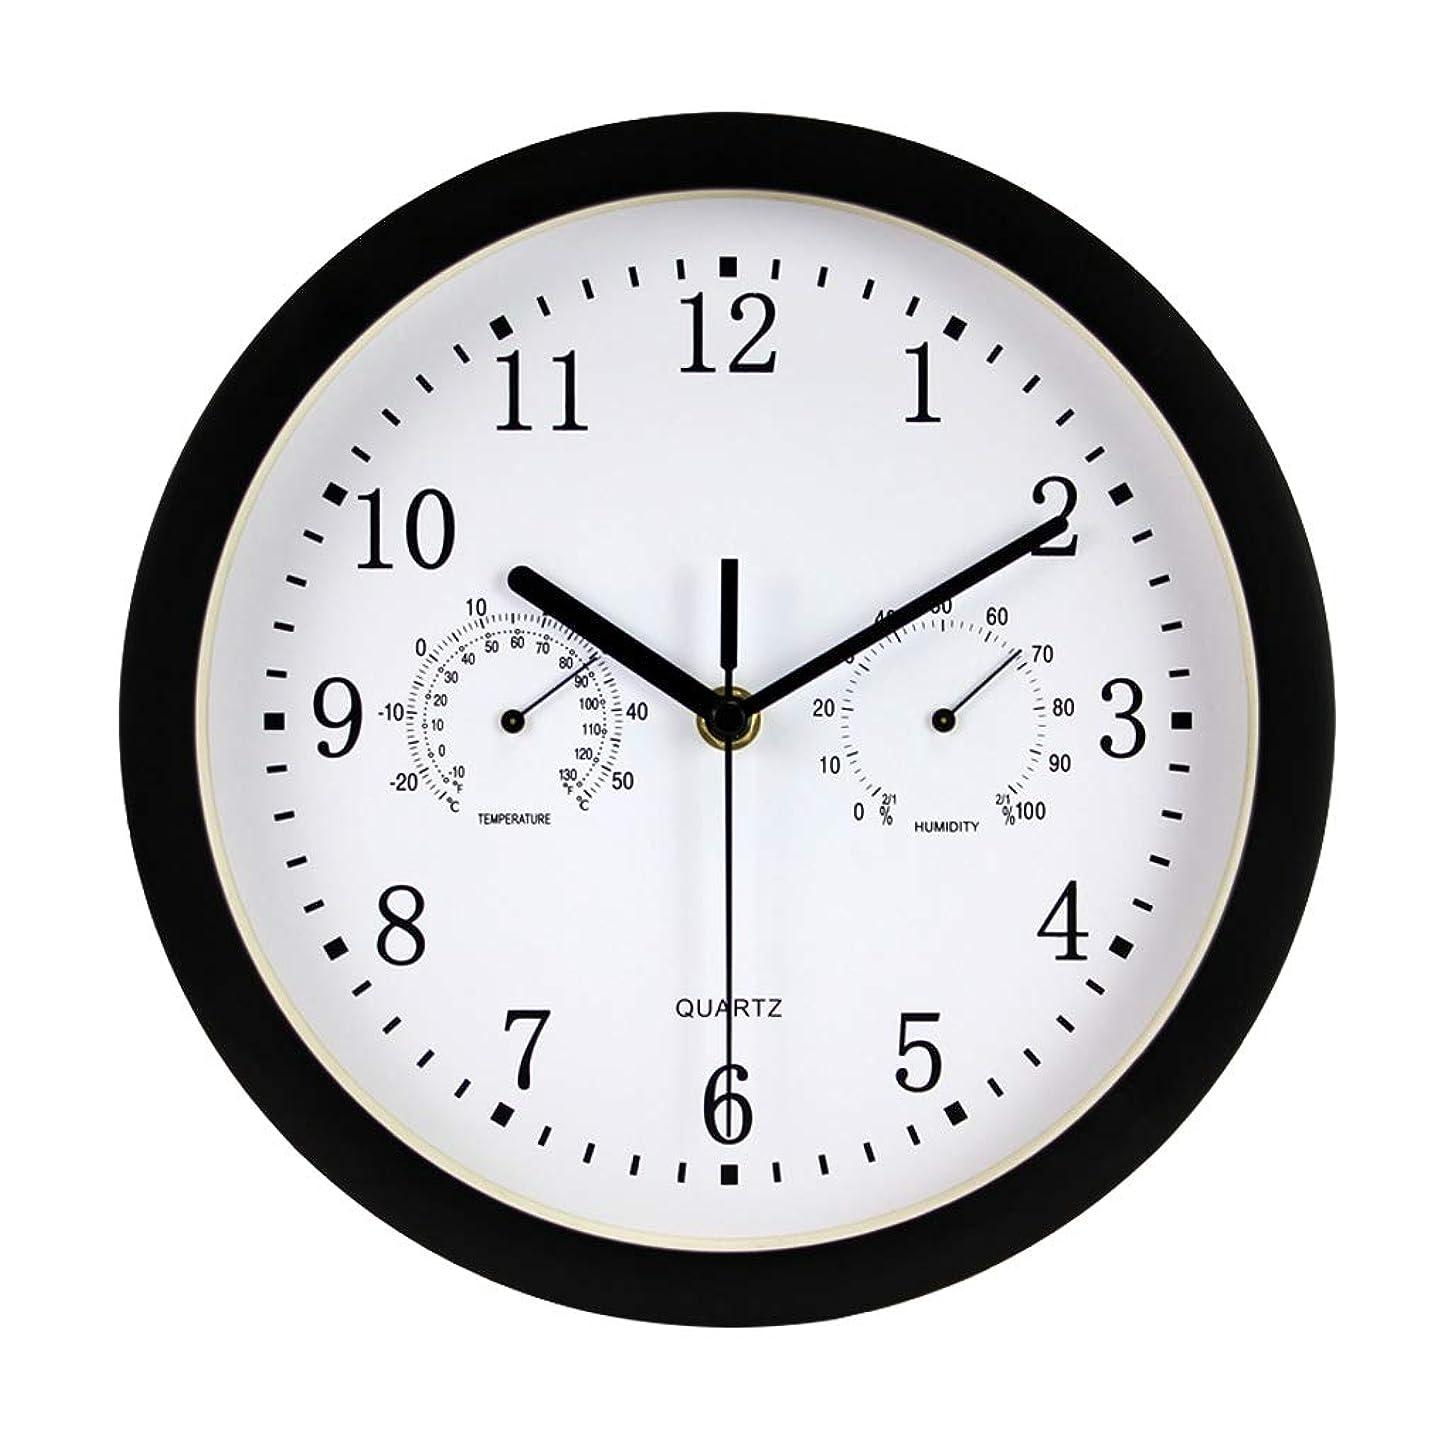 豚アトミック侵入する25 cm室内/屋外サイレントウォールクロック温度計および湿度計浴室用キッチン用の非刻時時計キッチン用ベッドルーム(黒)